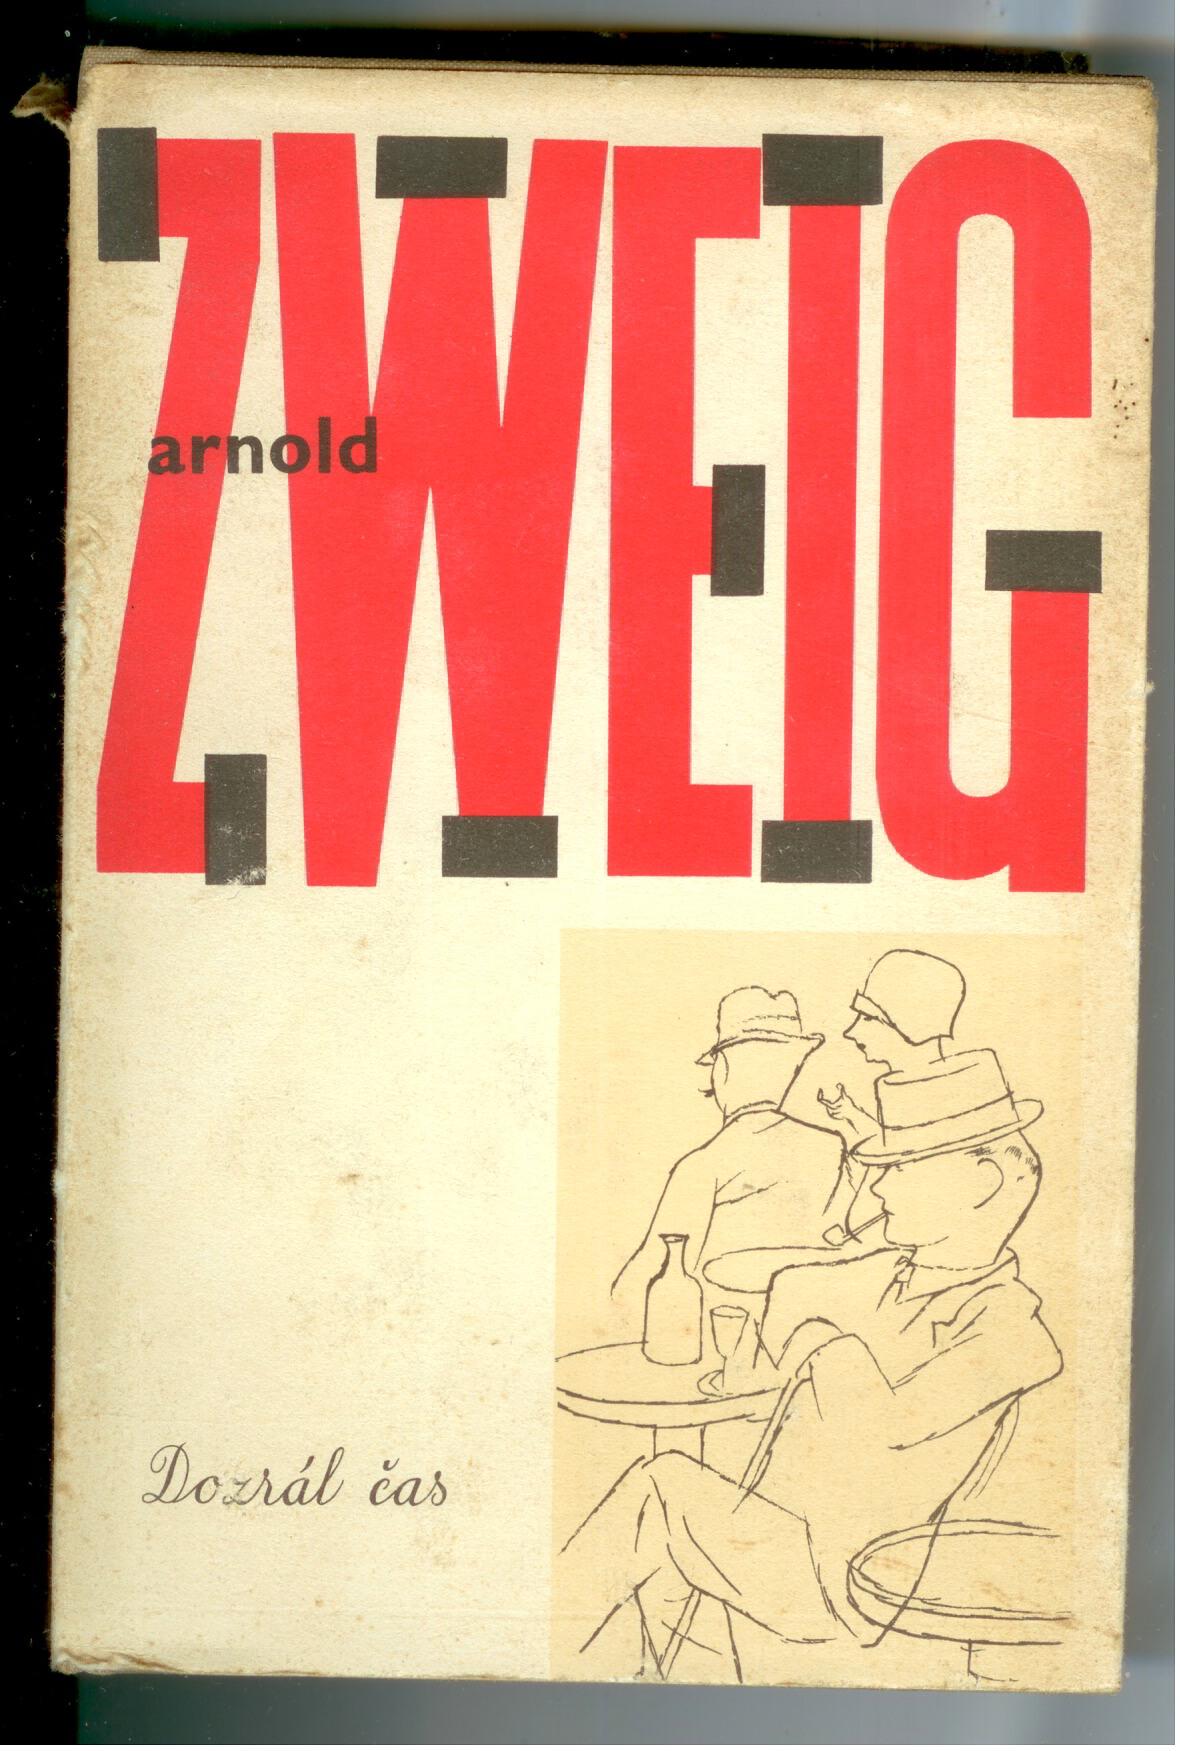 Dozrál čas - Arnold Zweig